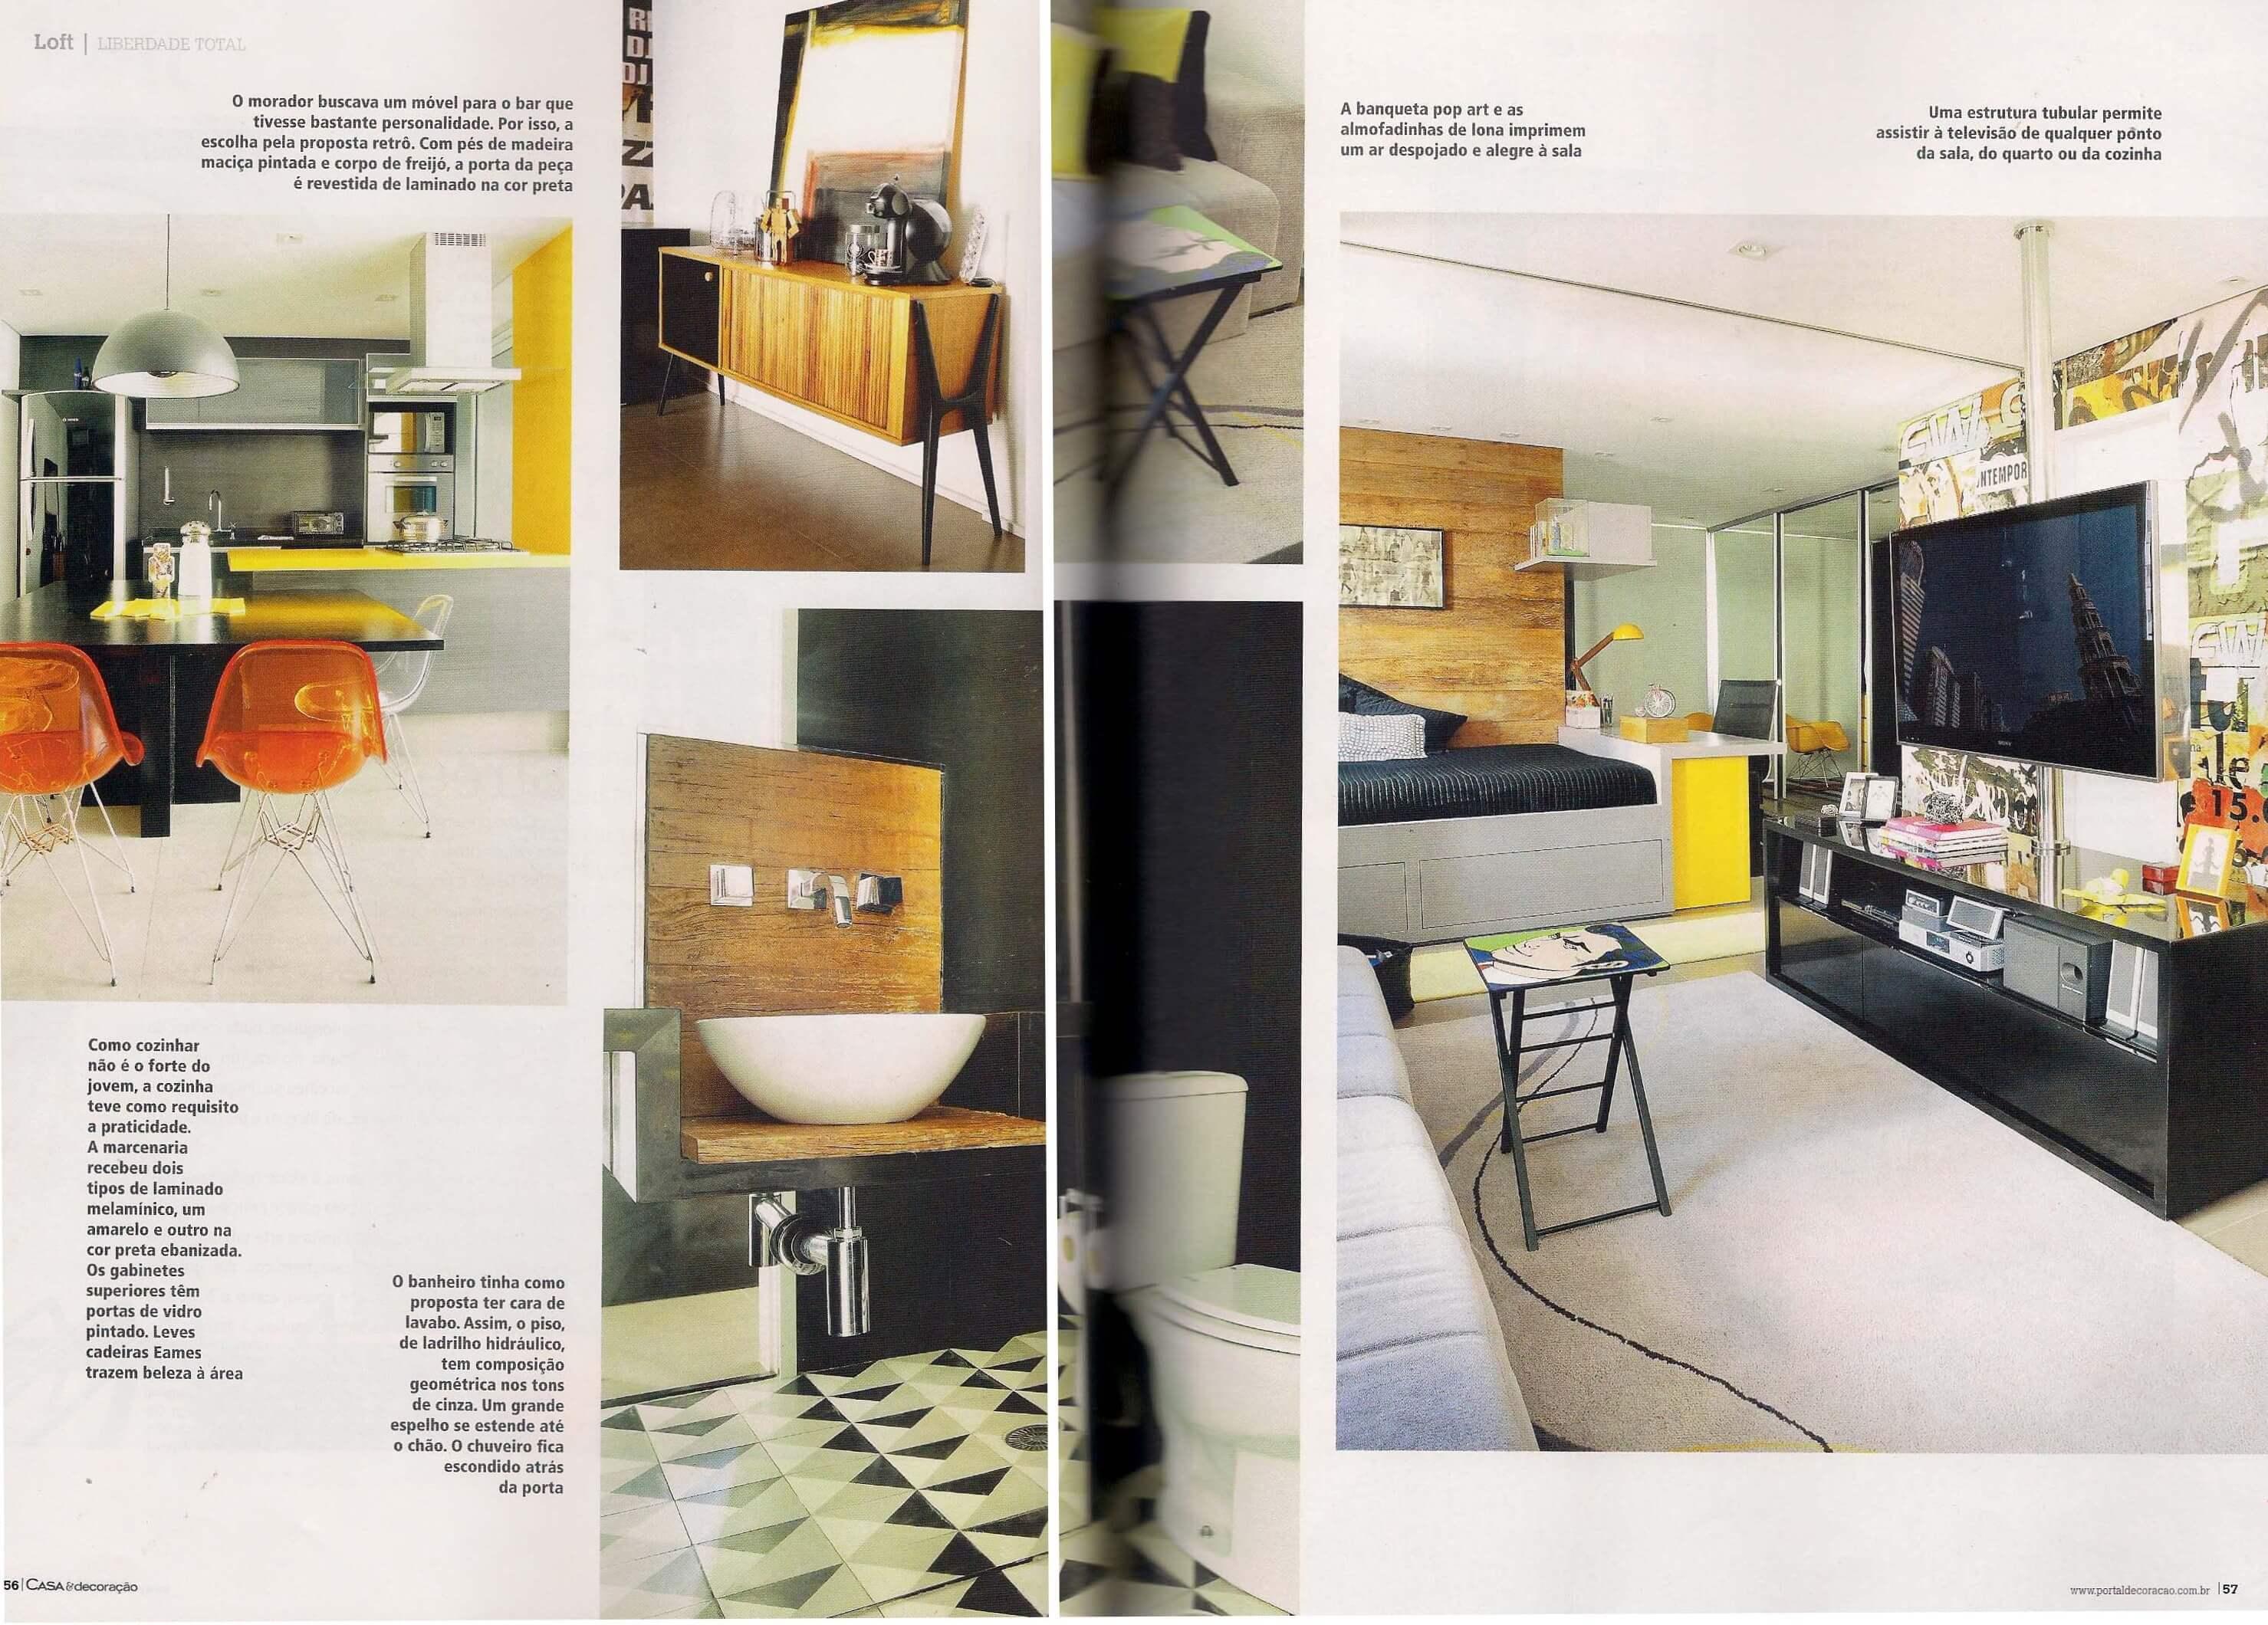 Casa & Decoracao  - ago 2012 - 3